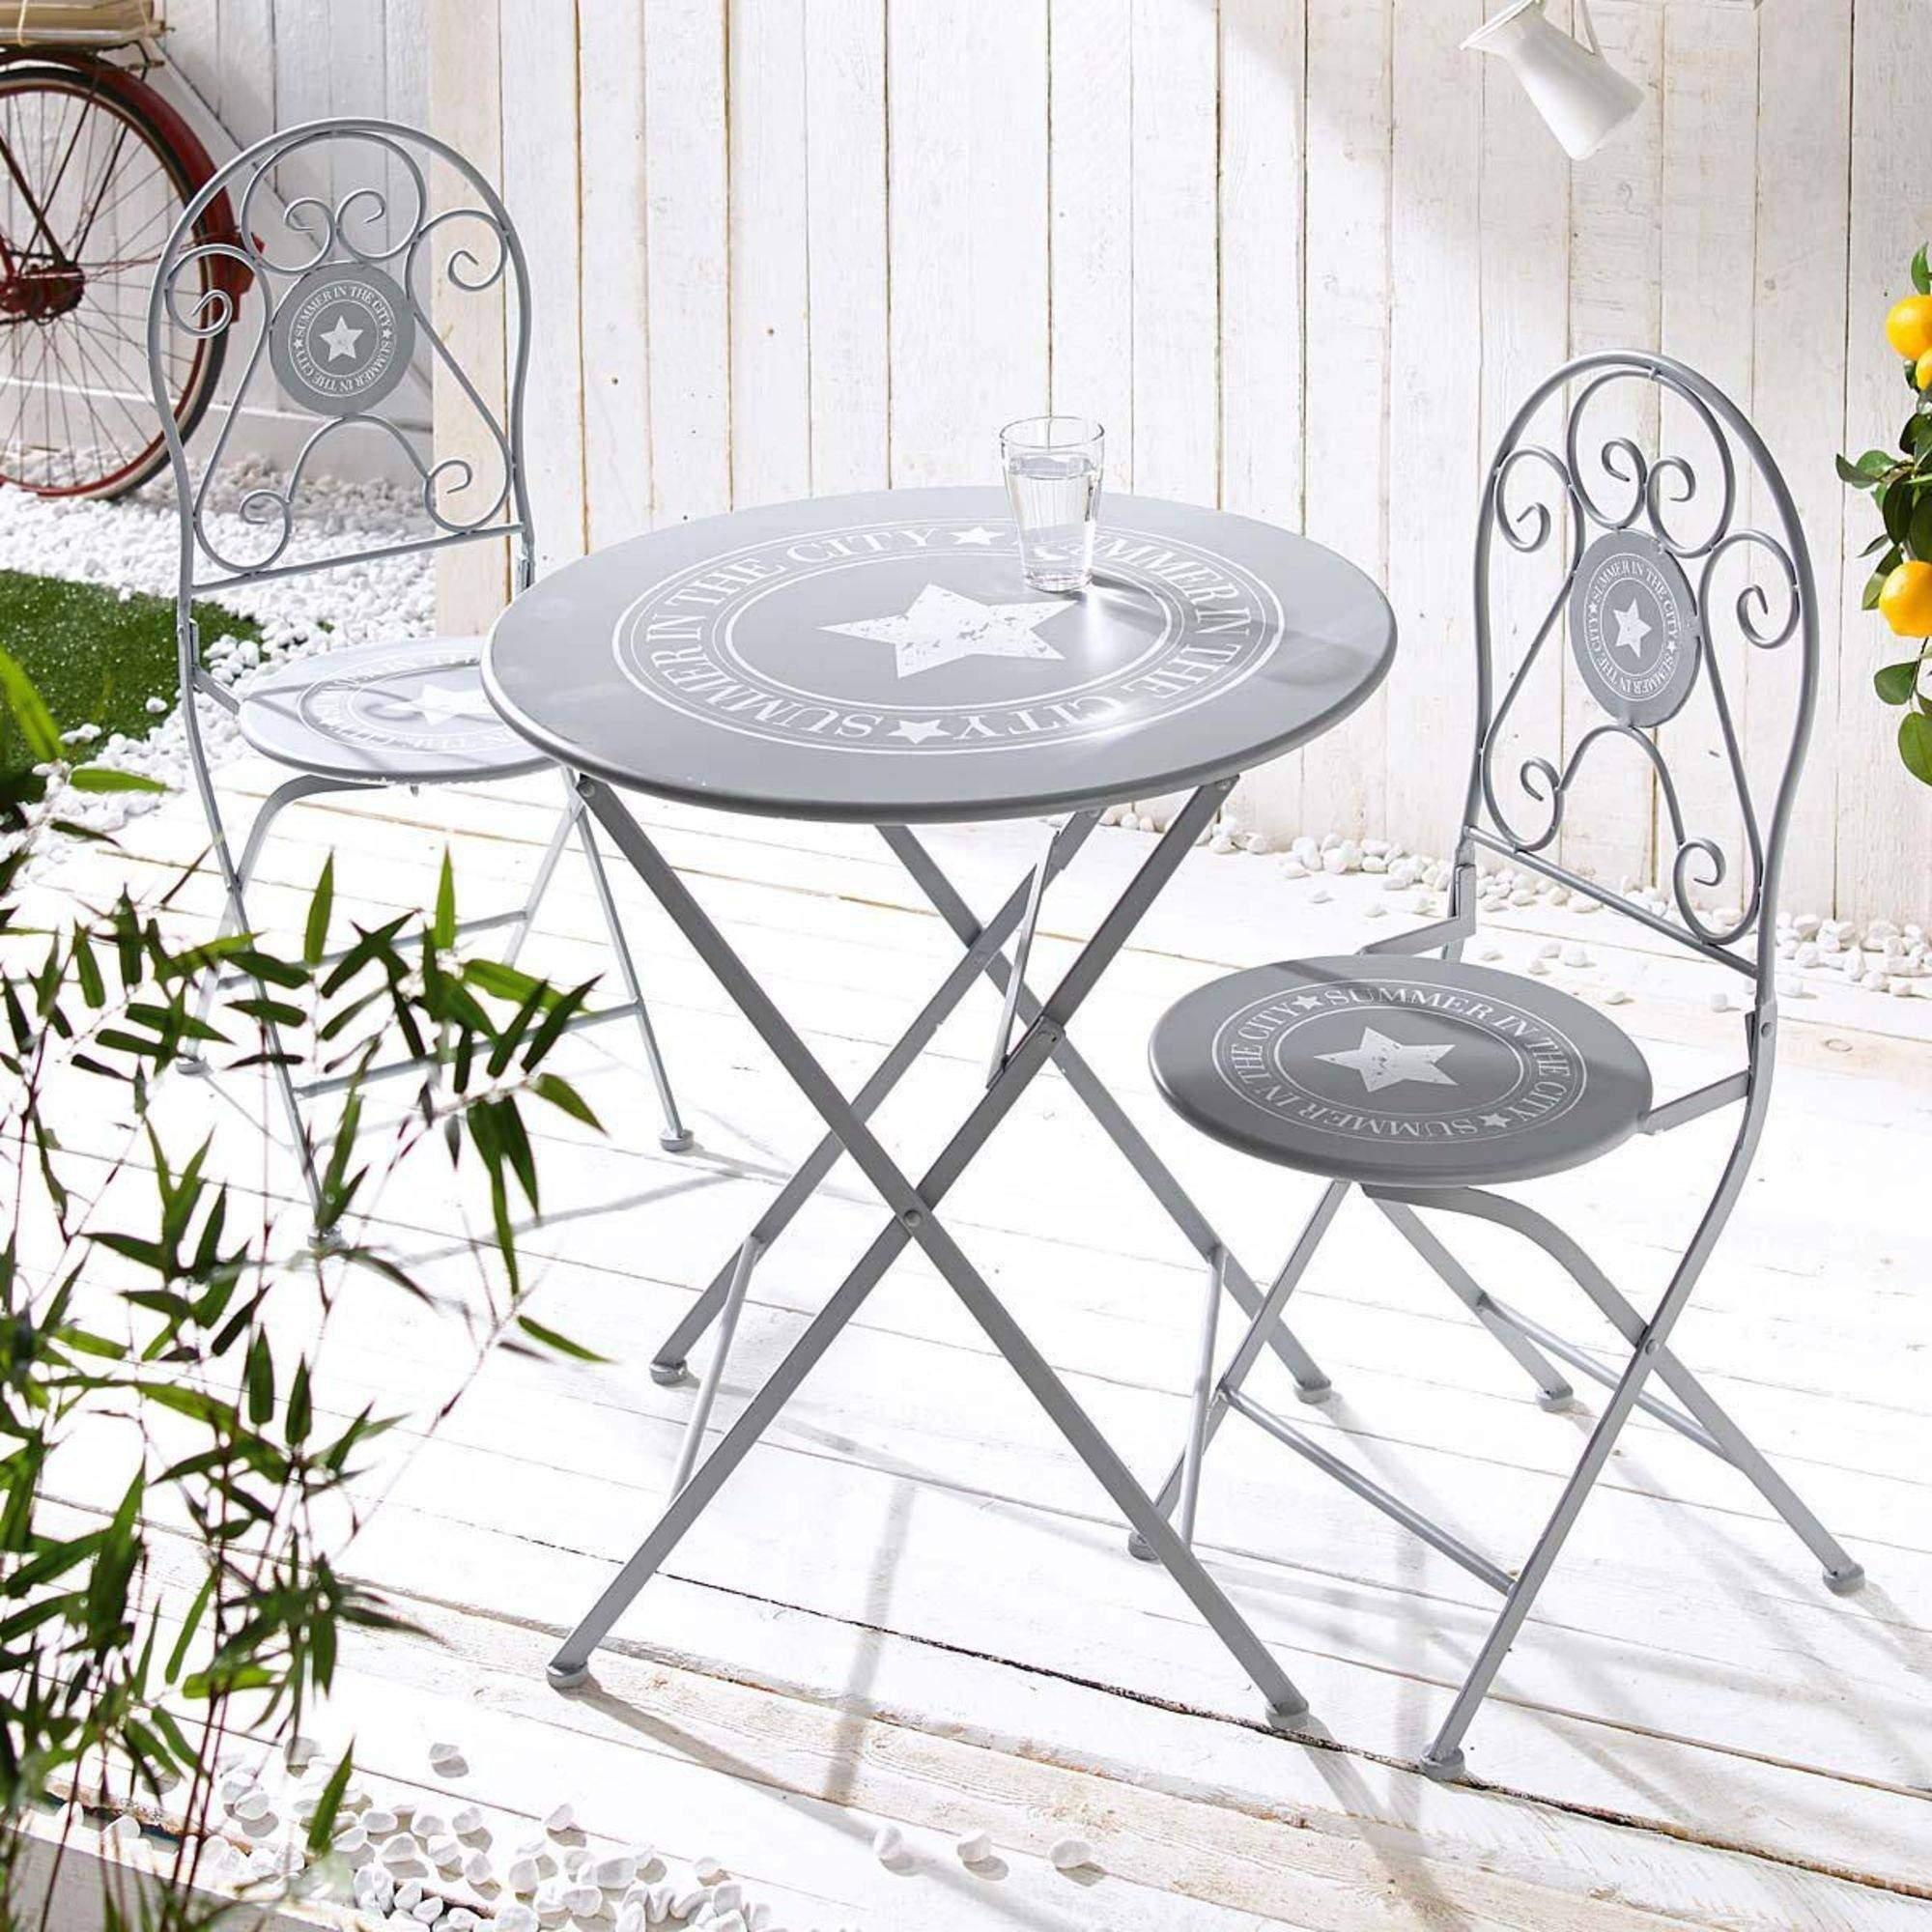 ausziehtisch garten elegant 11 tisch stuhle terrasse einzigartig of ausziehtisch garten